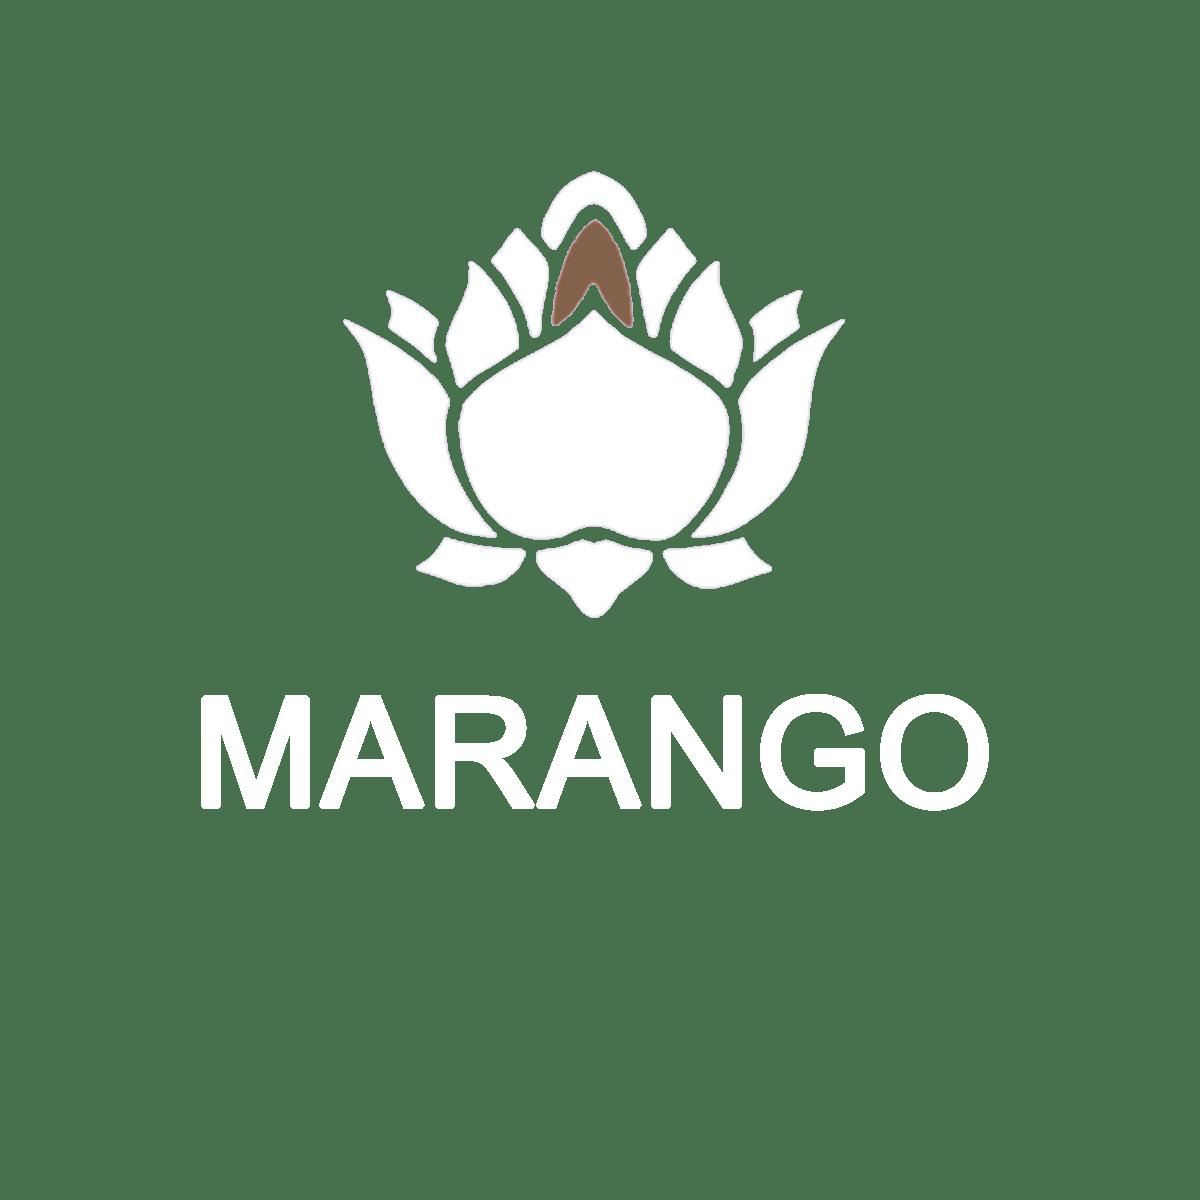 Marango